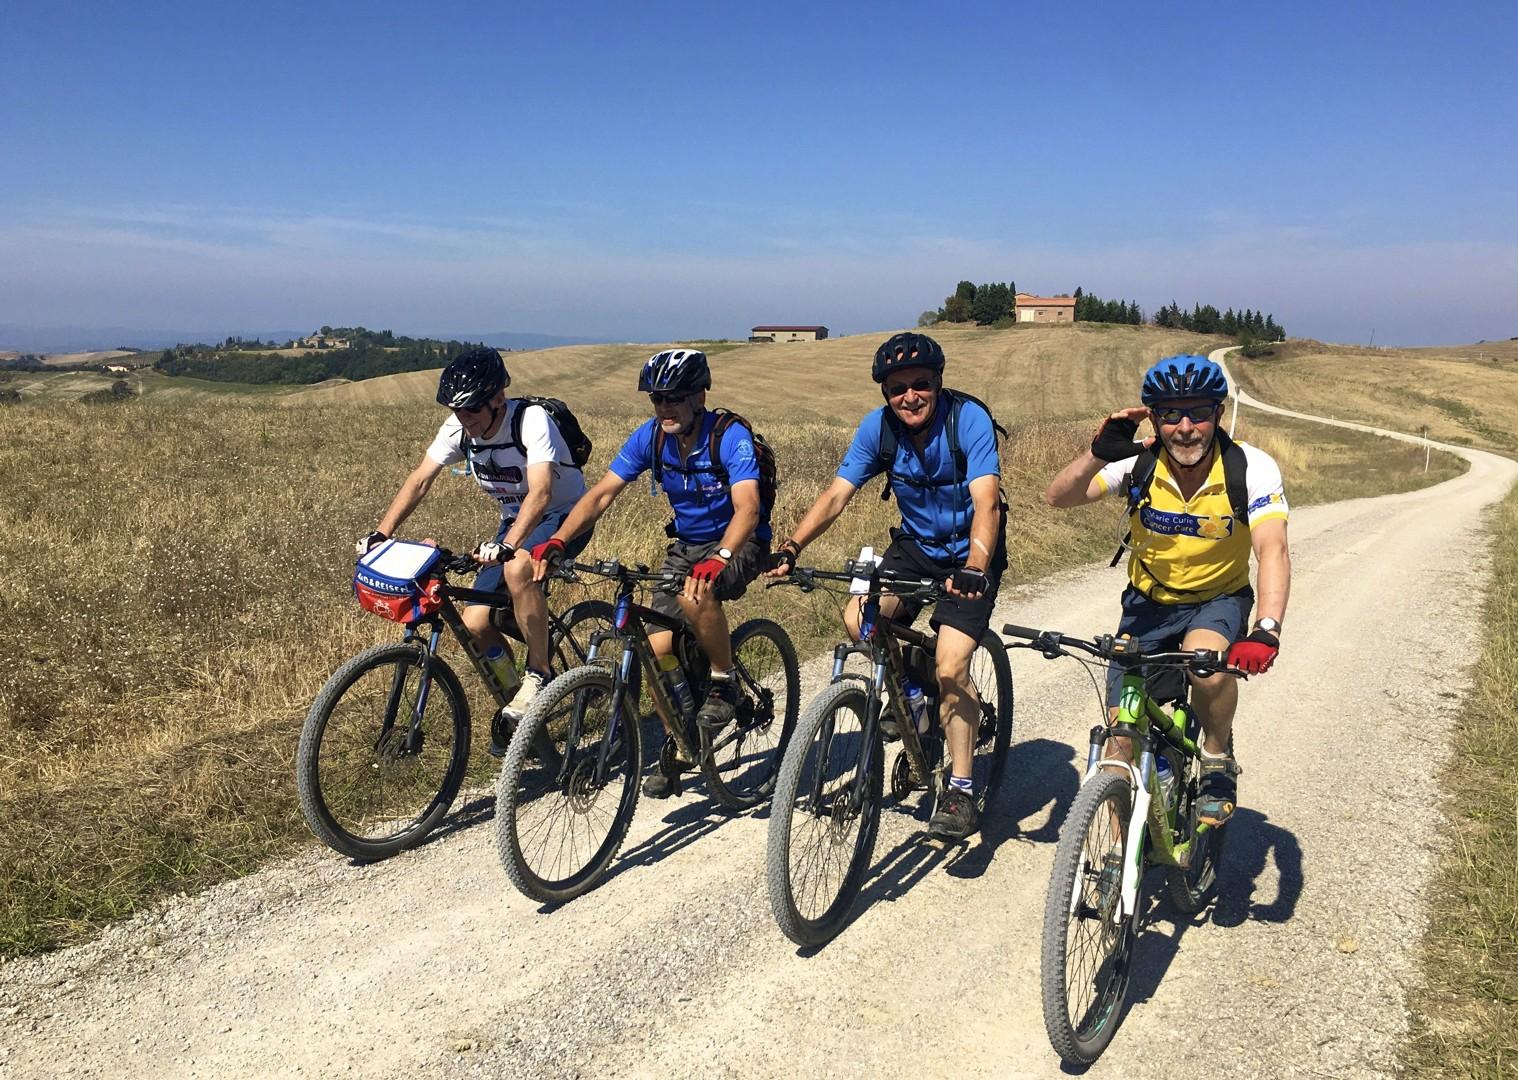 mountain-biking-holiday-italy-tuscany.jpg - Italy - Tuscany - Sacred Routes  - Self Guided Mountain Bike Holiday - Mountain Biking